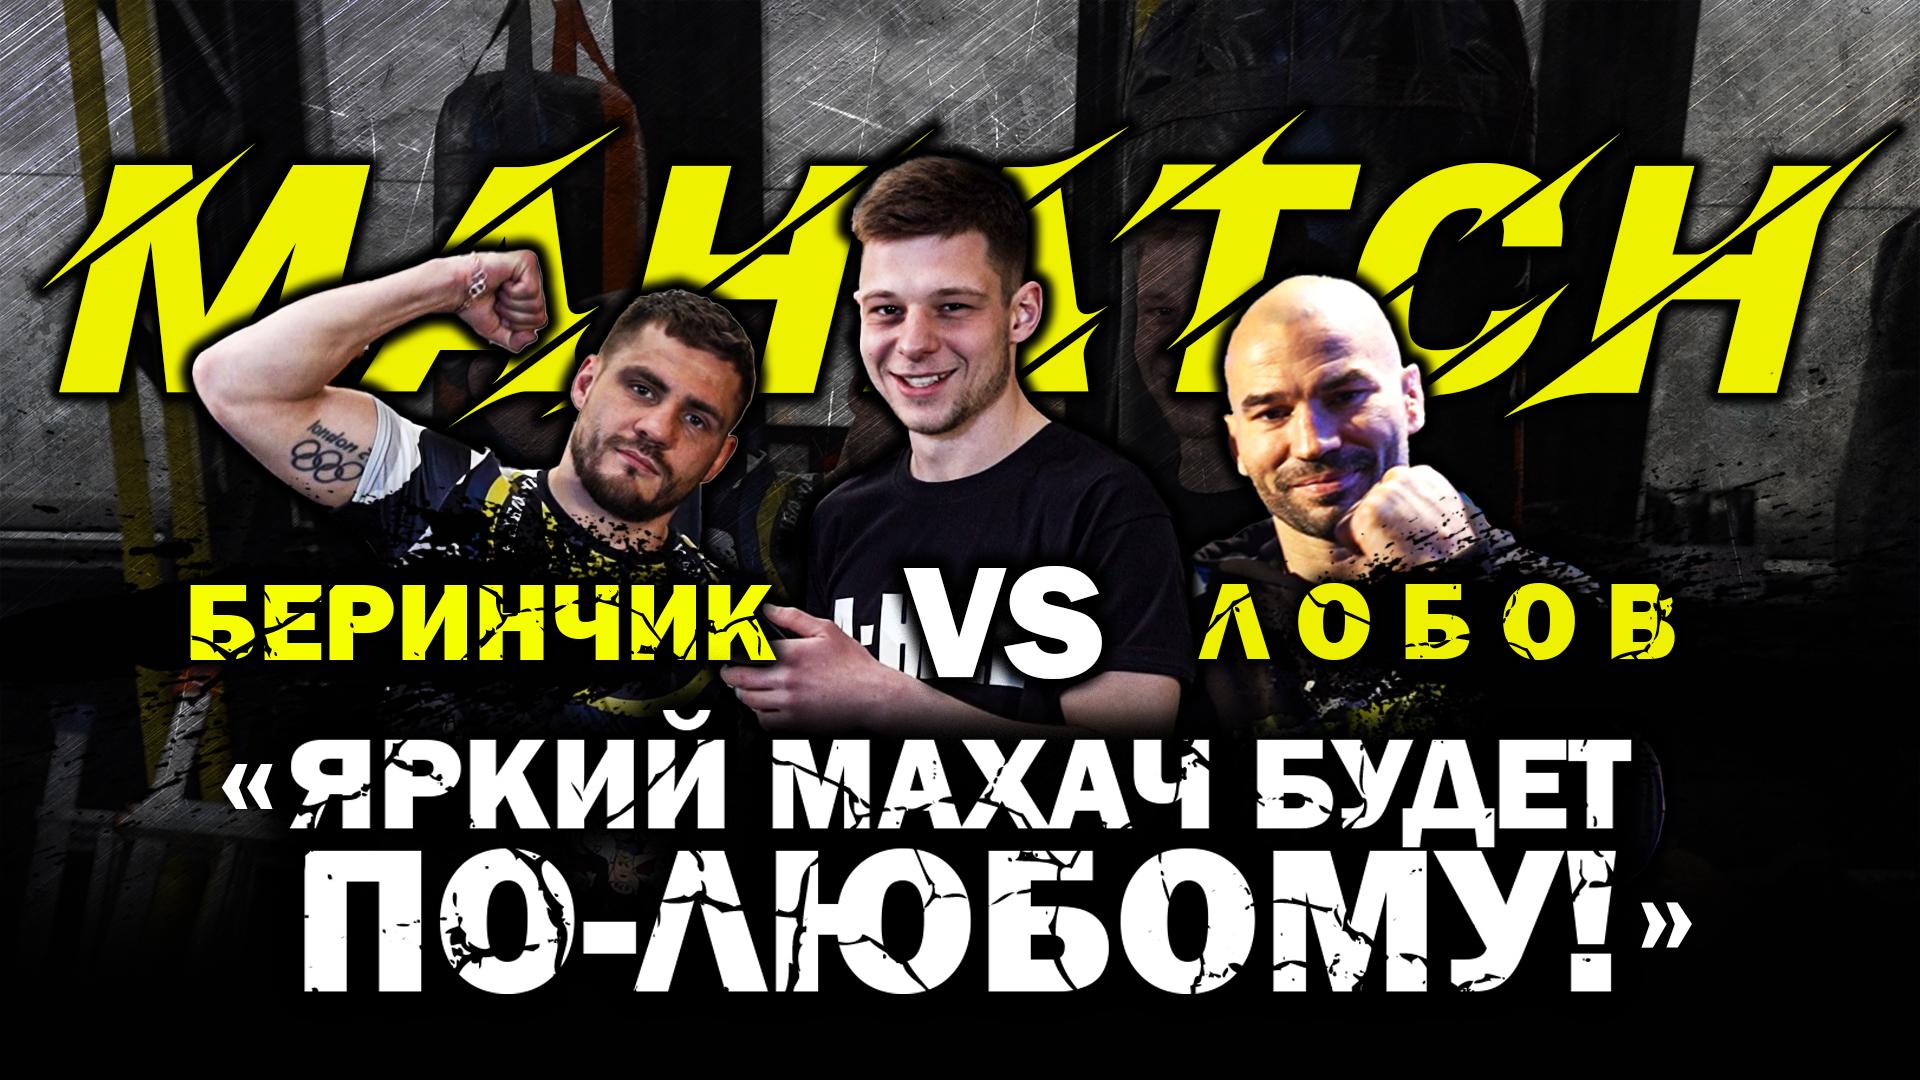 Денис Беринчик, Артем Лобов, Mahatch FC, бокс, Конор Макгрегор, MMA